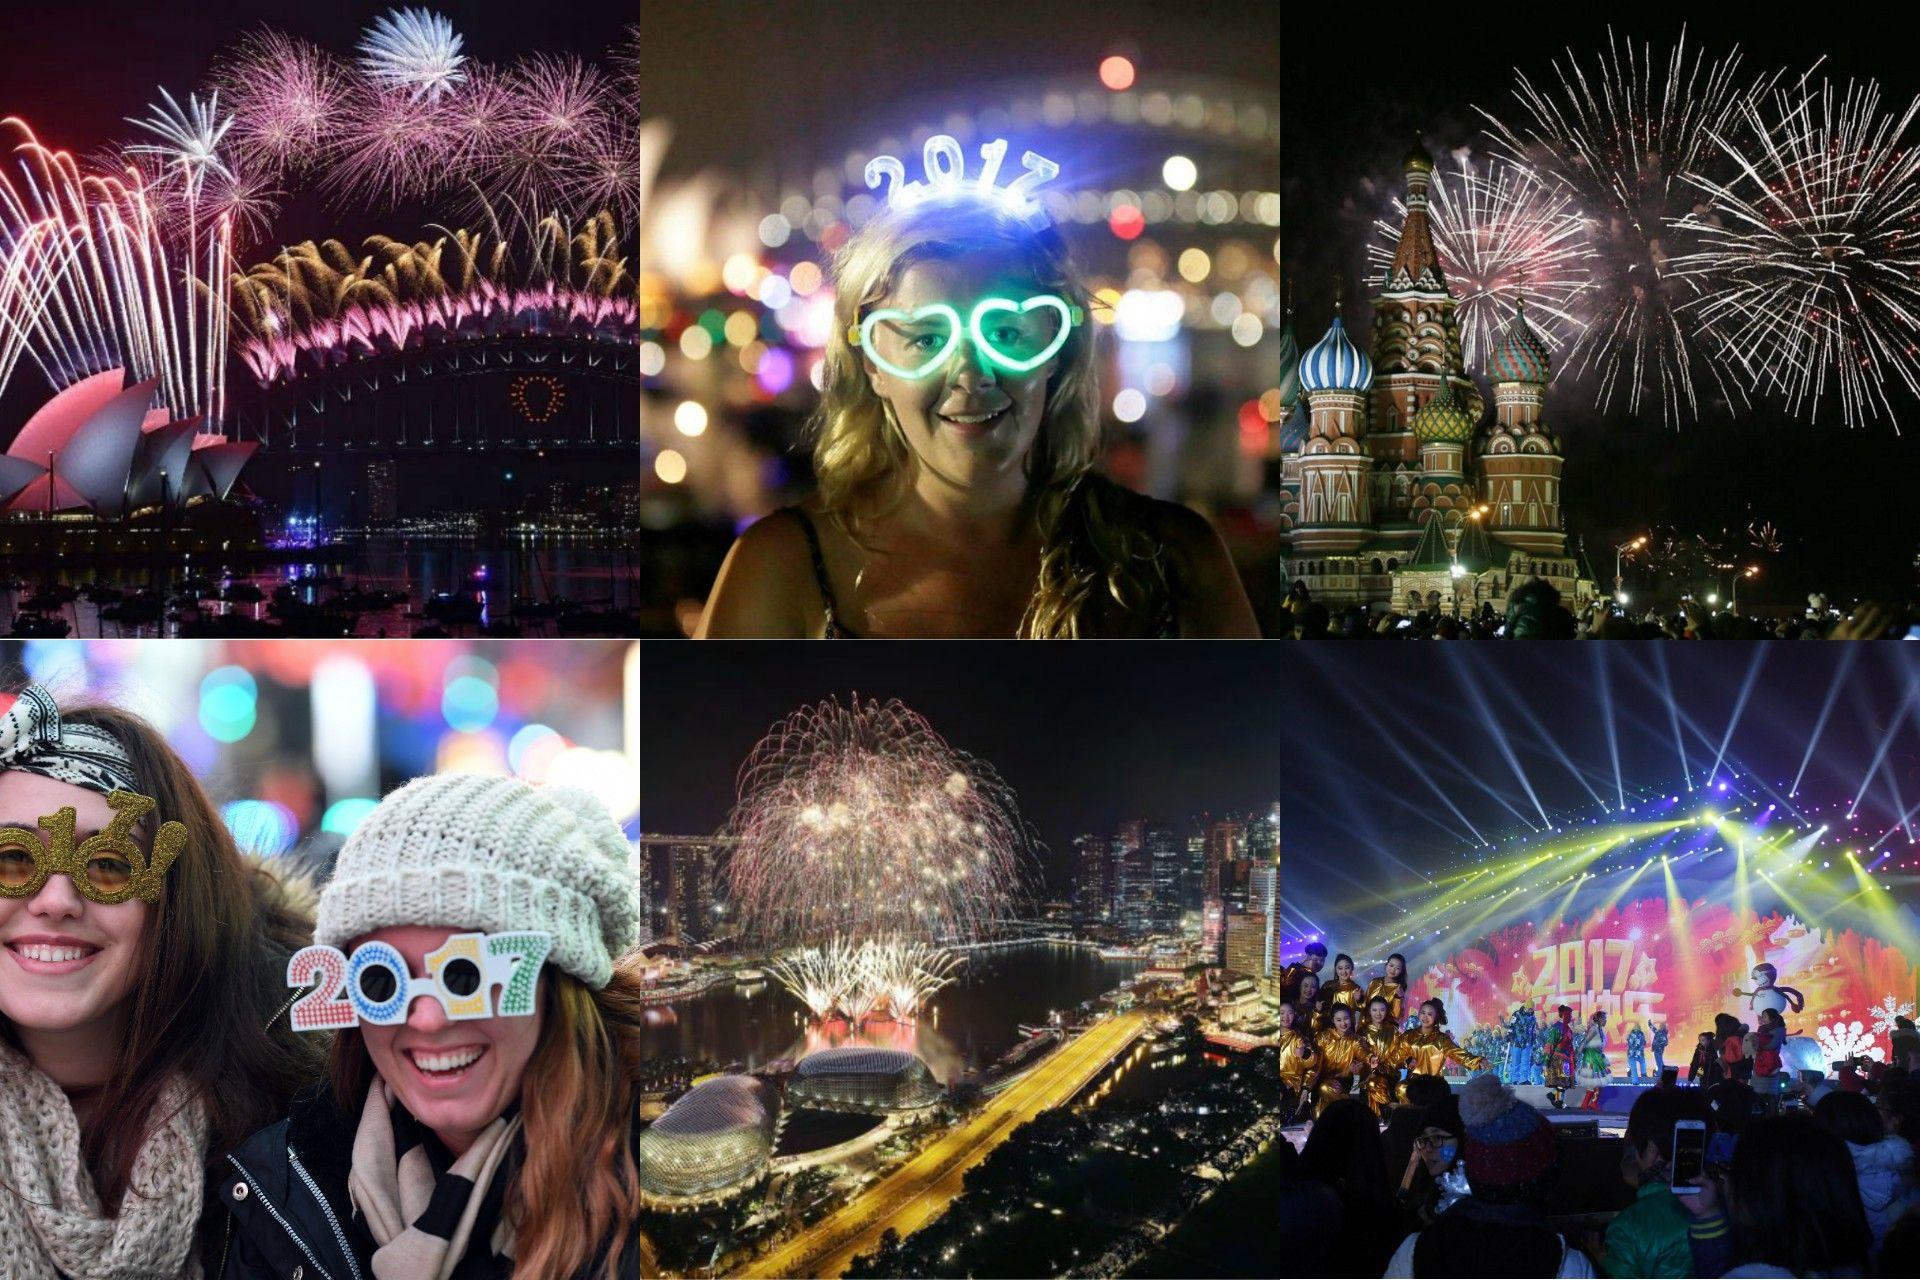 Festejo de fin de año en el mundo